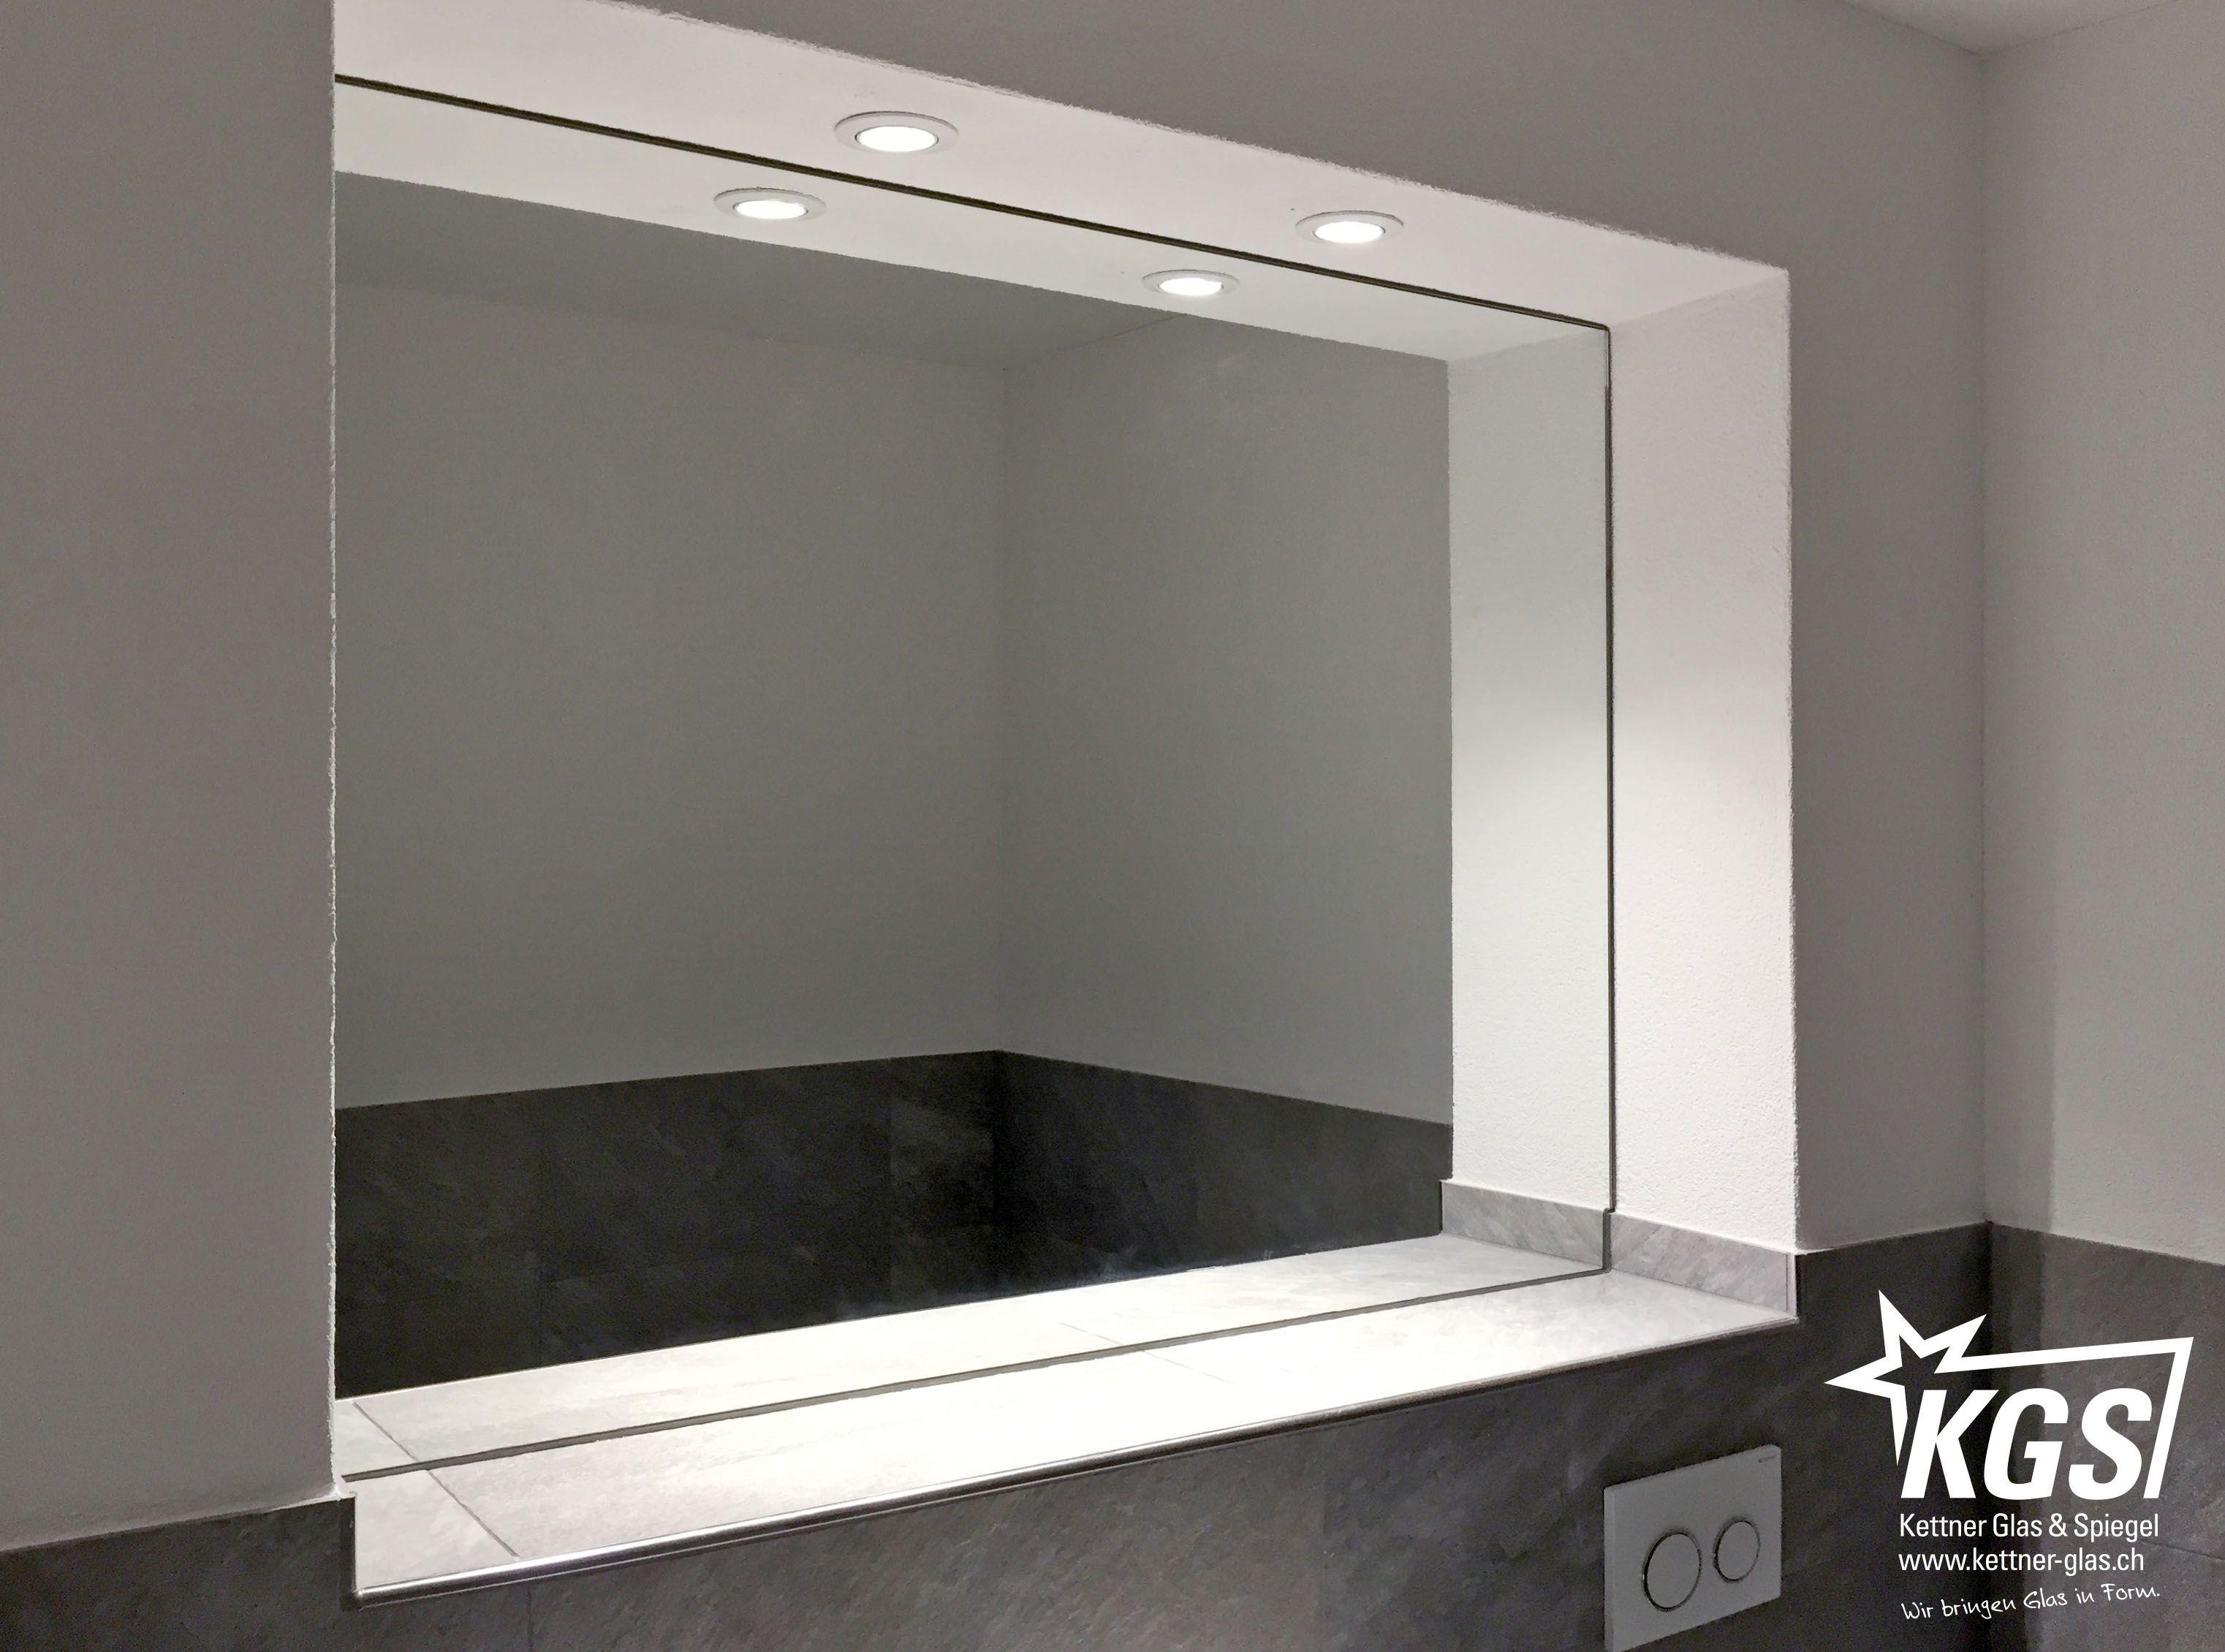 Massgefertigter Badezimmerspiegel In Zuruckversetzter Mauernische Mit Eckausbruchen Fur Plattlierweiterung Badezimmerspiegel Lampendesign Badezimmerlampe